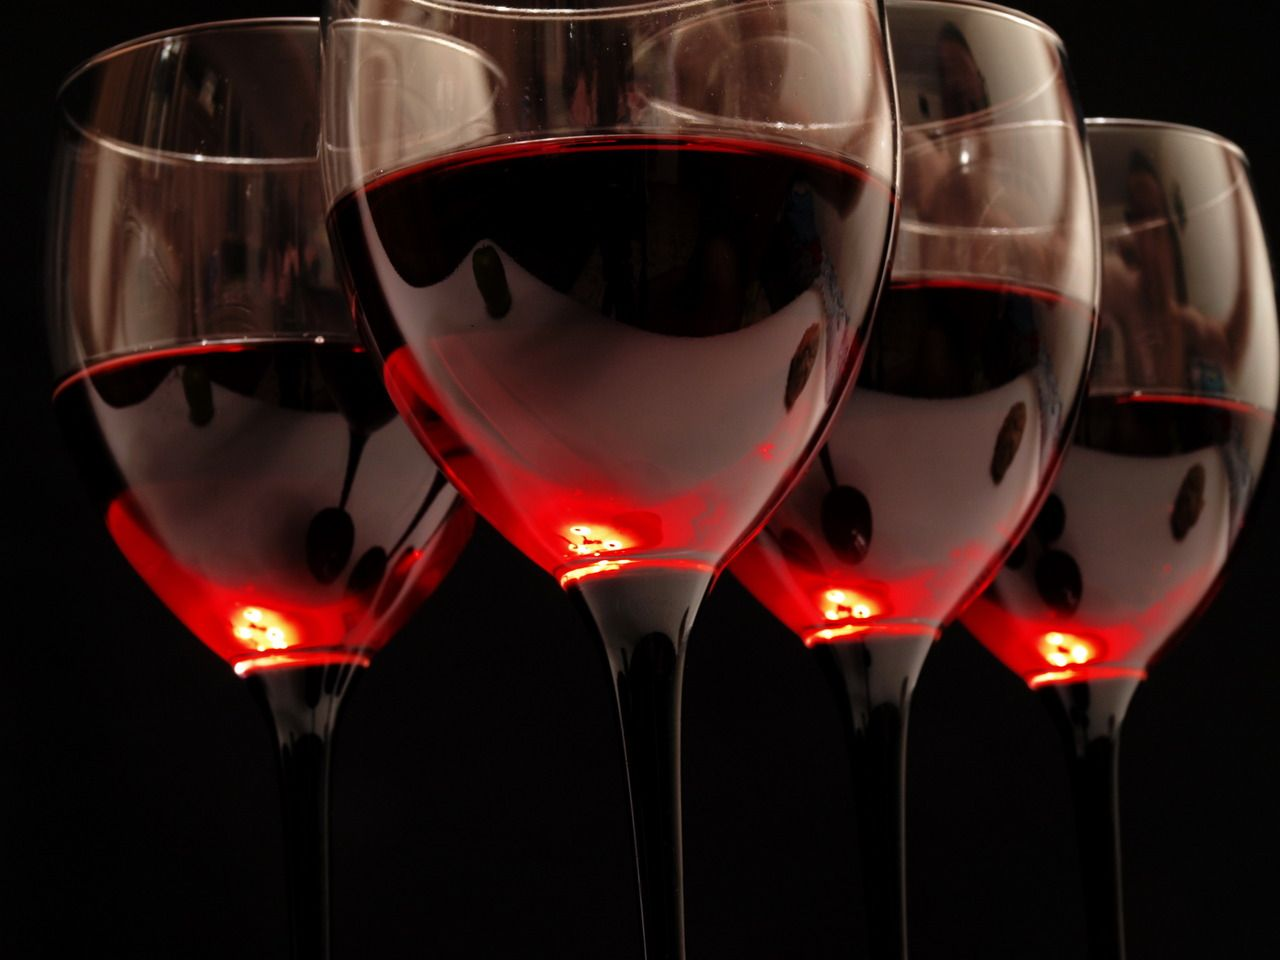 Pin By Cucci Boa On Salute Red Wine Wine Wallpaper Wine